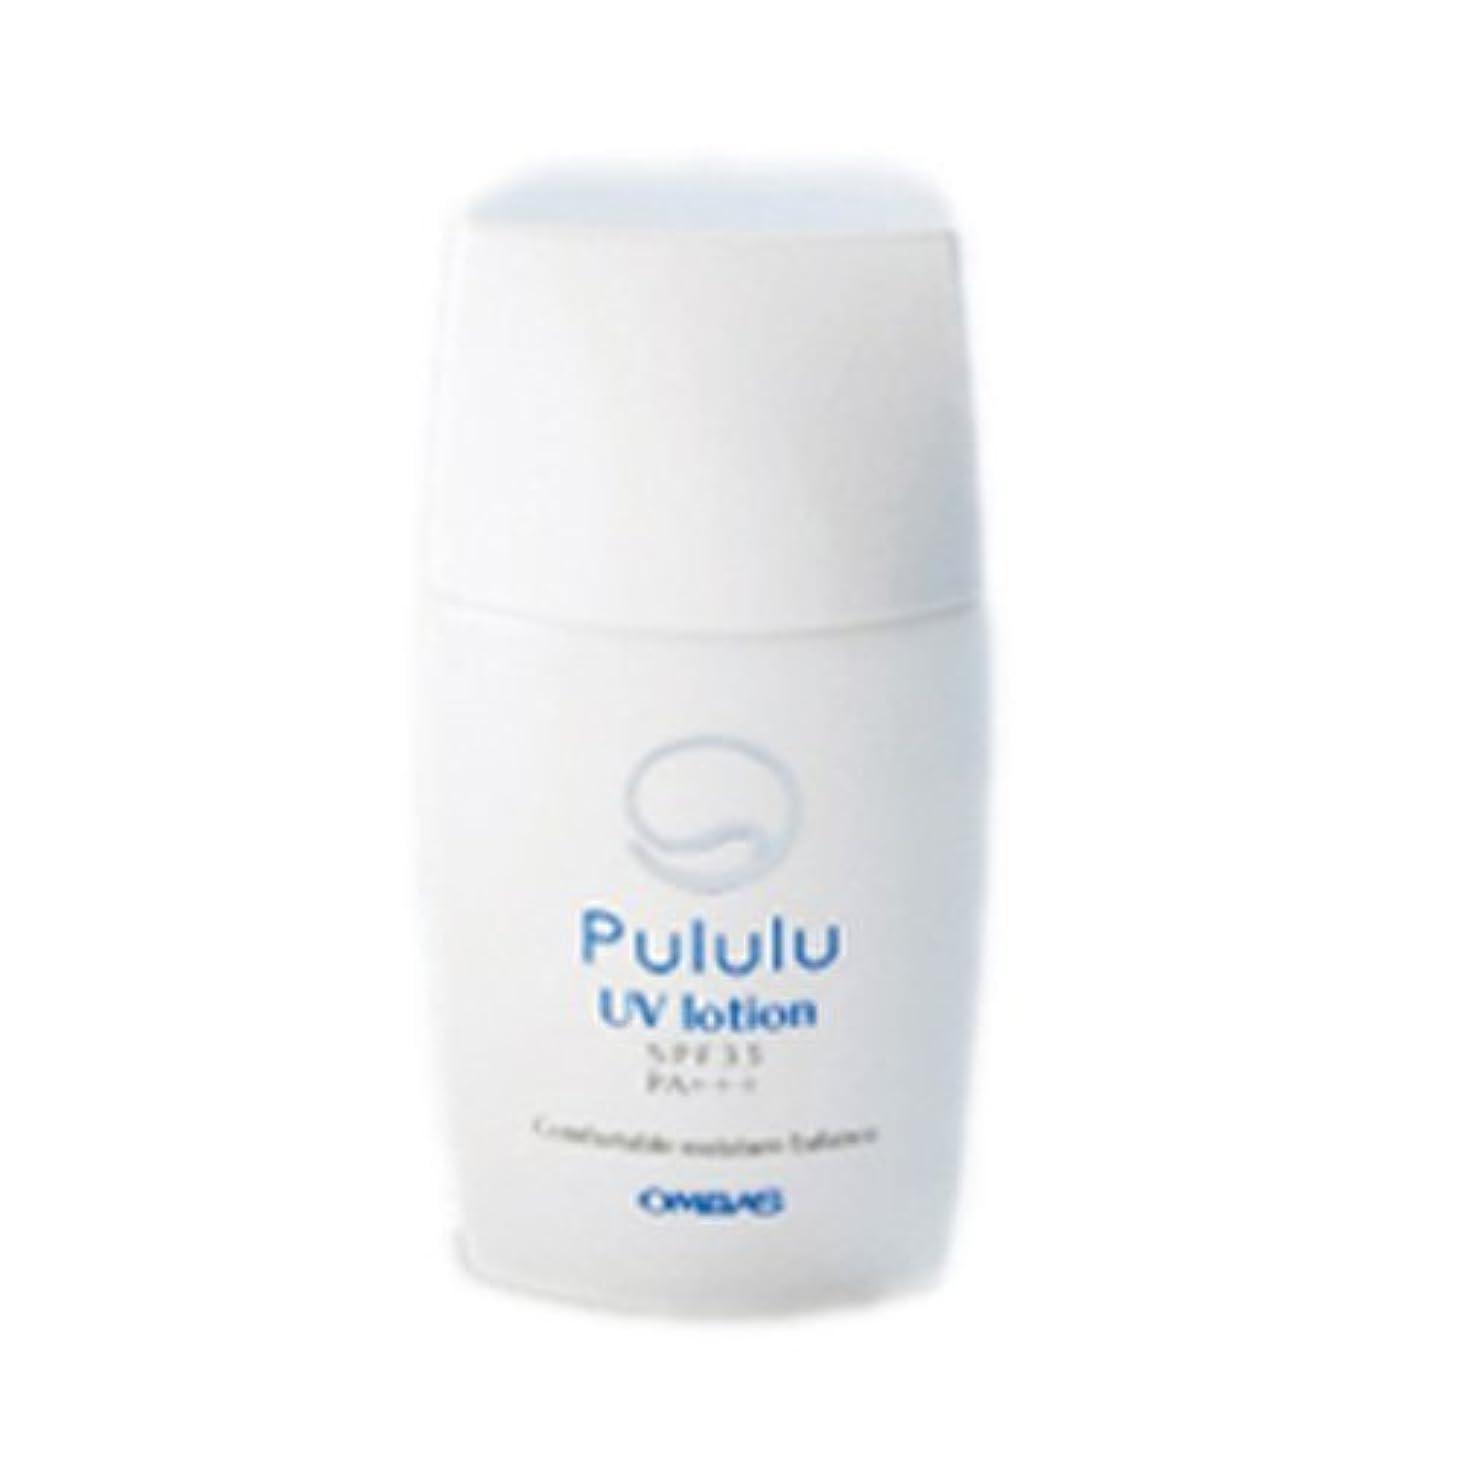 オーバーフローサスペンド荒れ地Pululu シリーズ Pululu UVローション